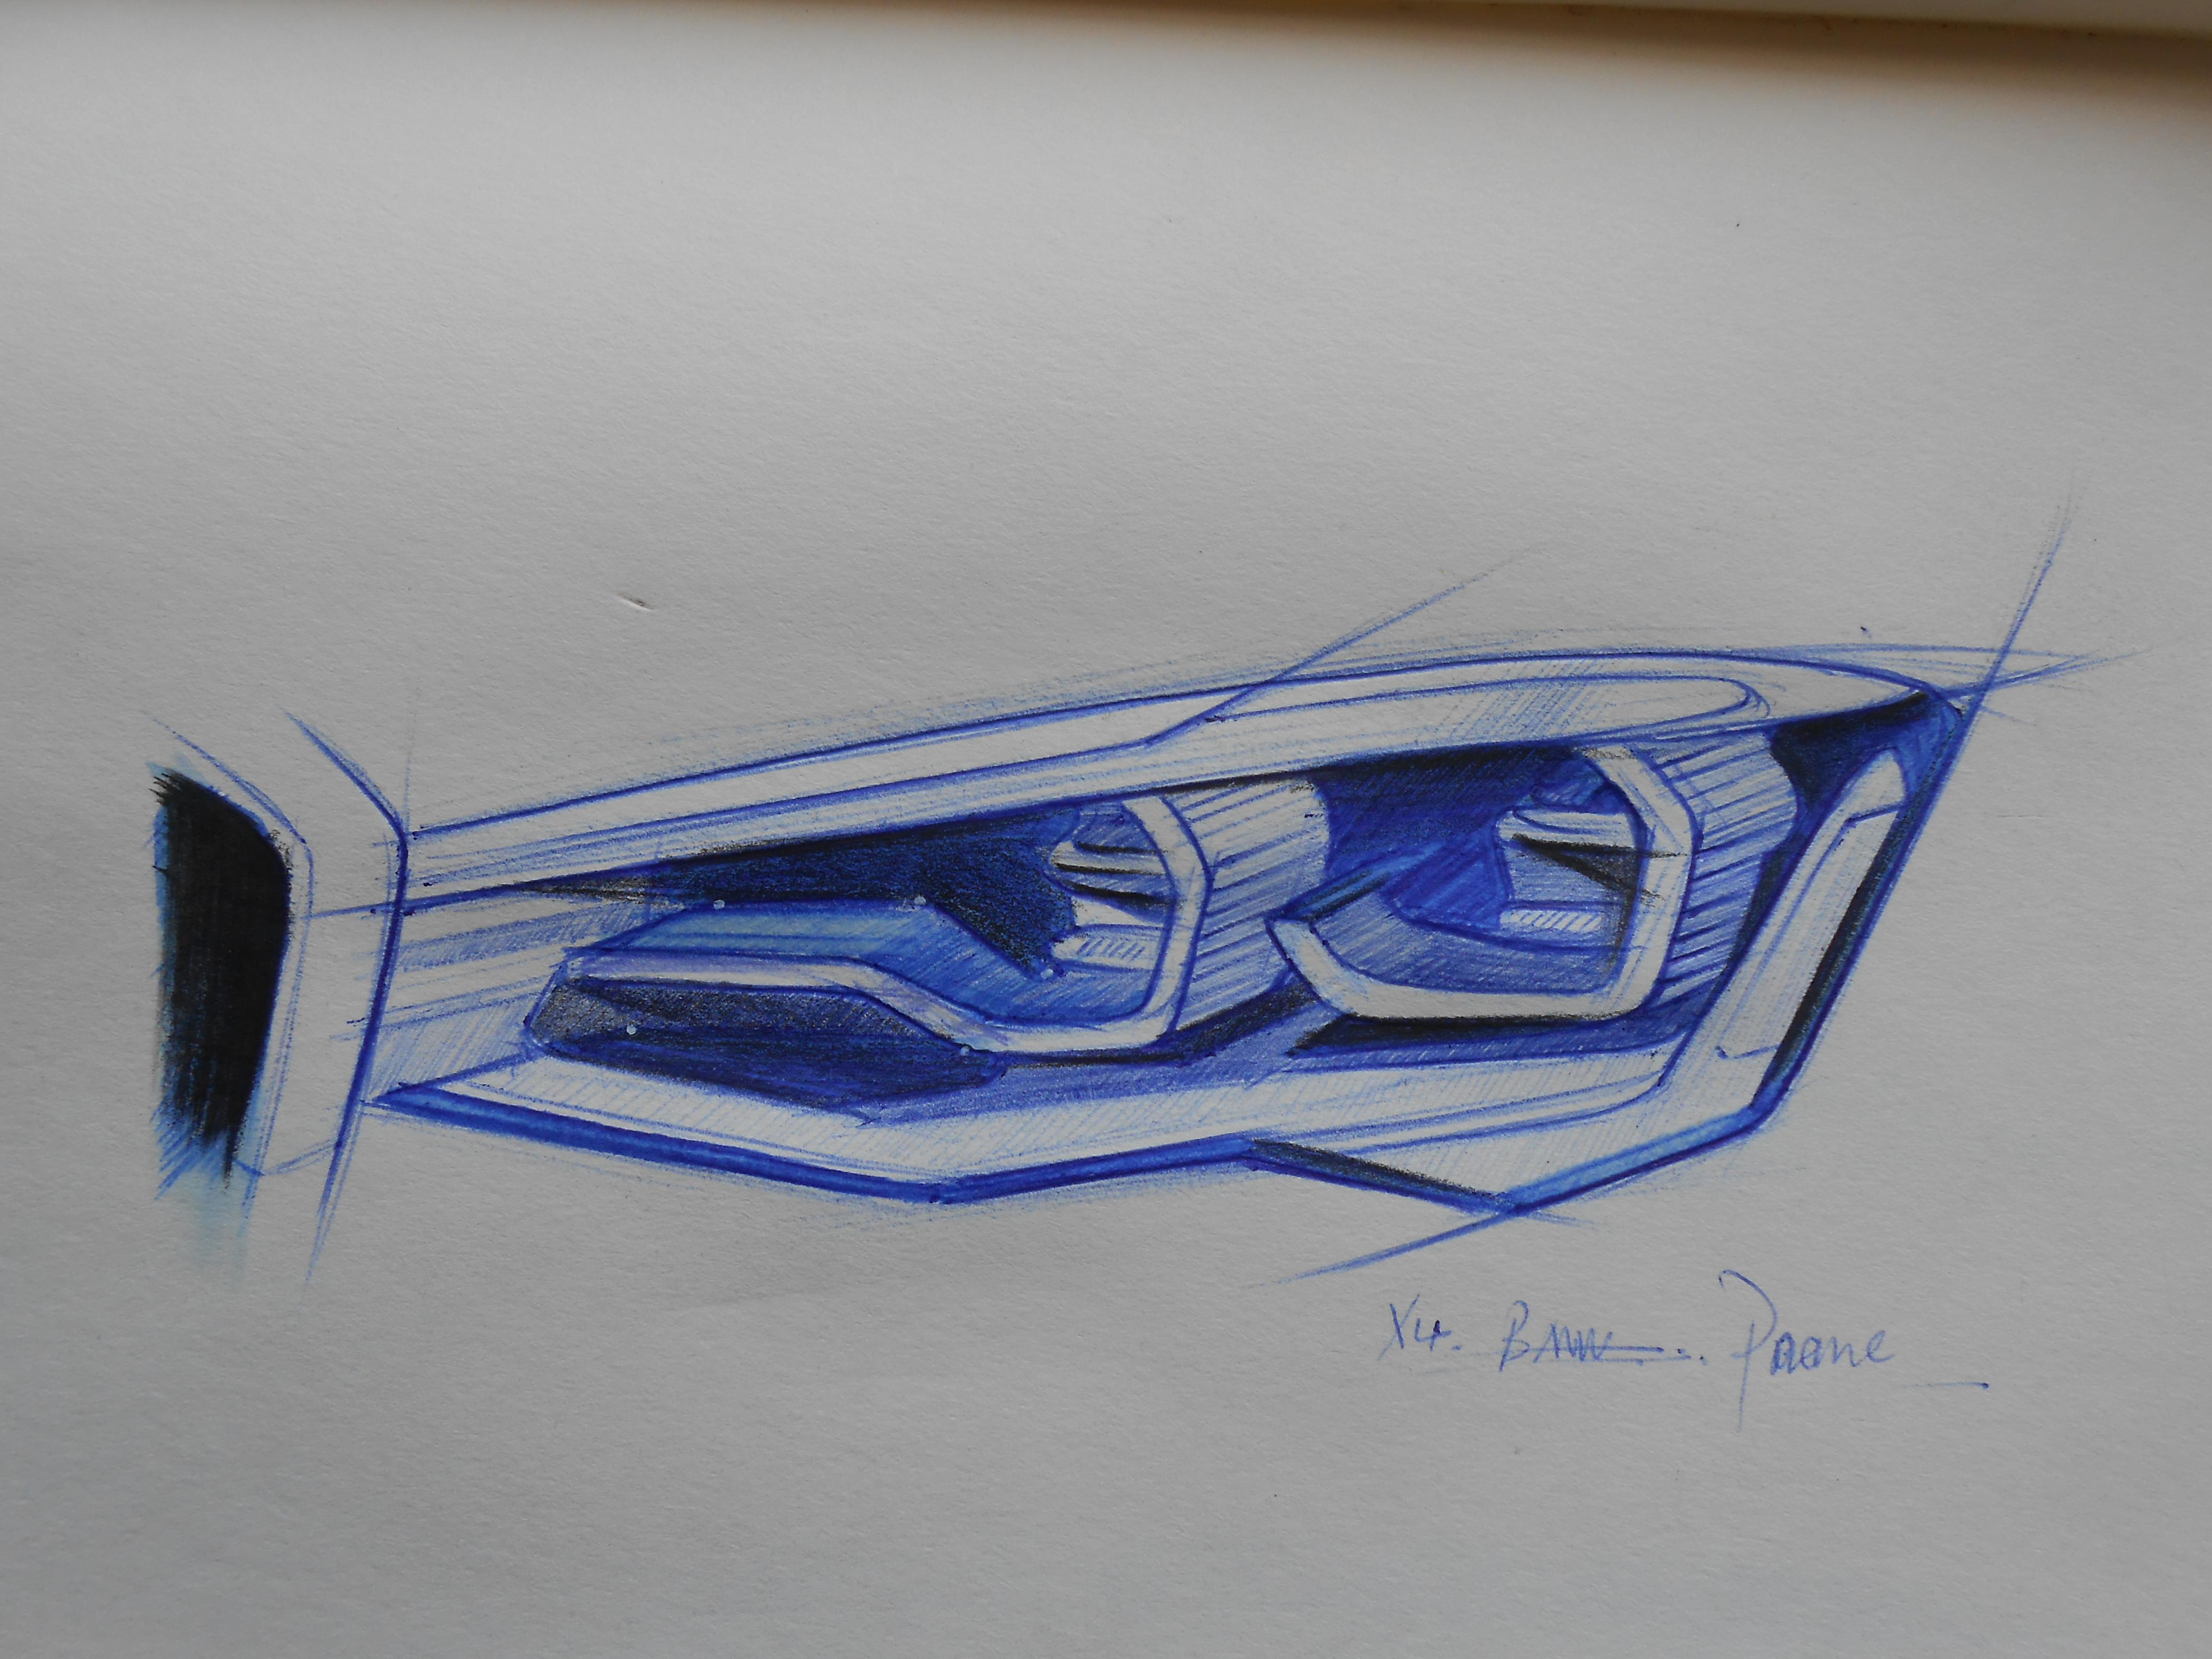 汽车设计手绘|工业/产品|交通工具|pengxu327306579